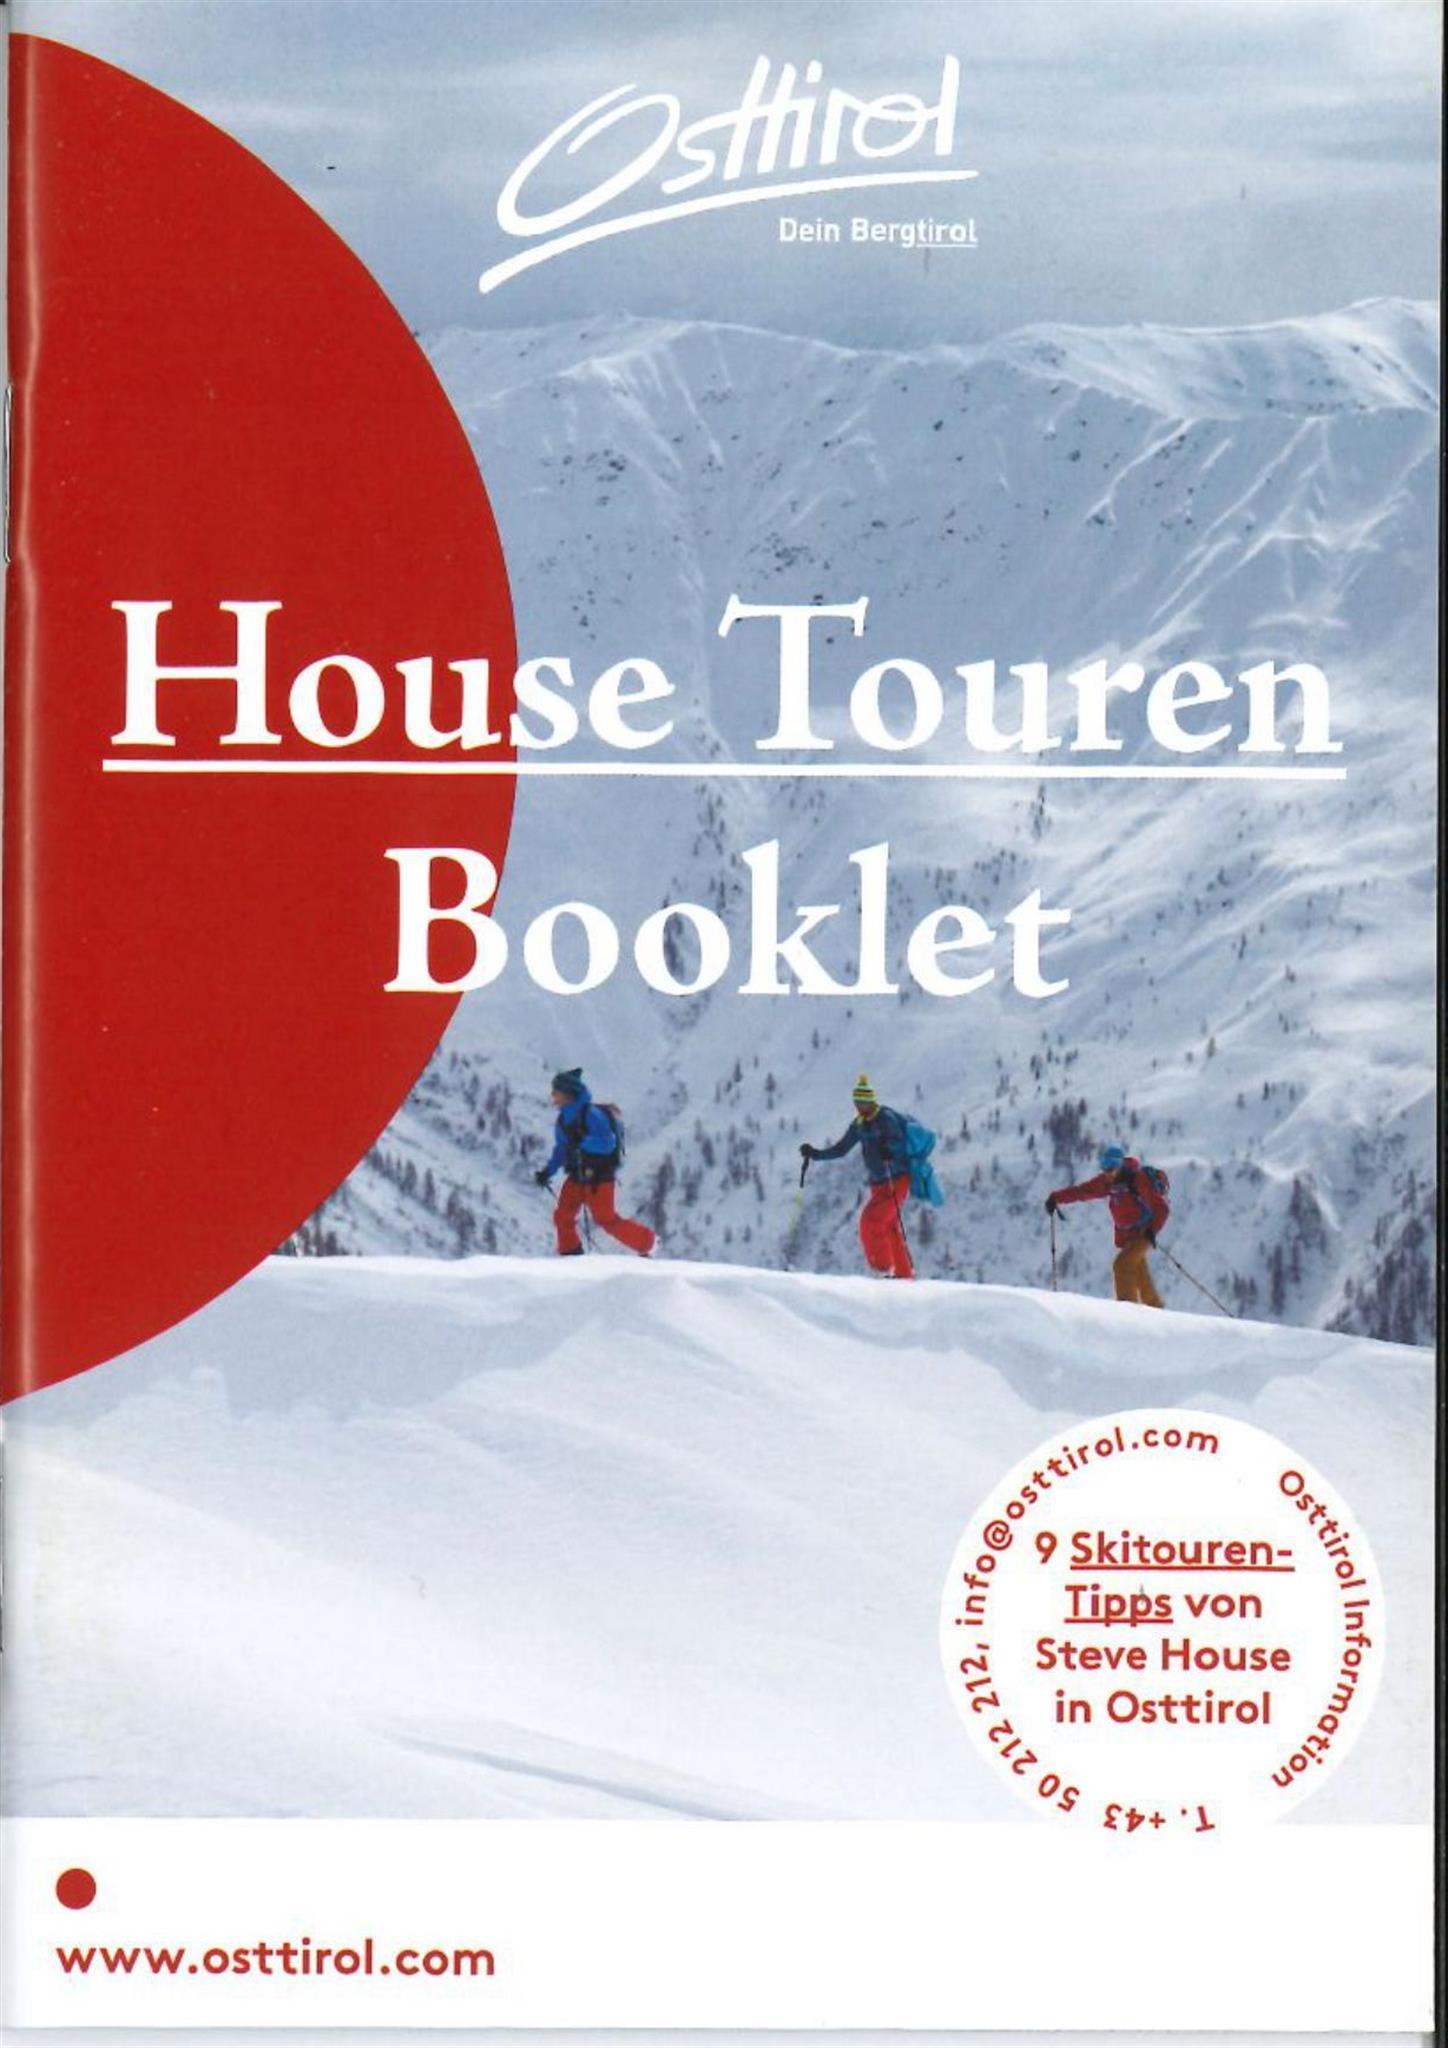 House-Touren-Booklet.jpg